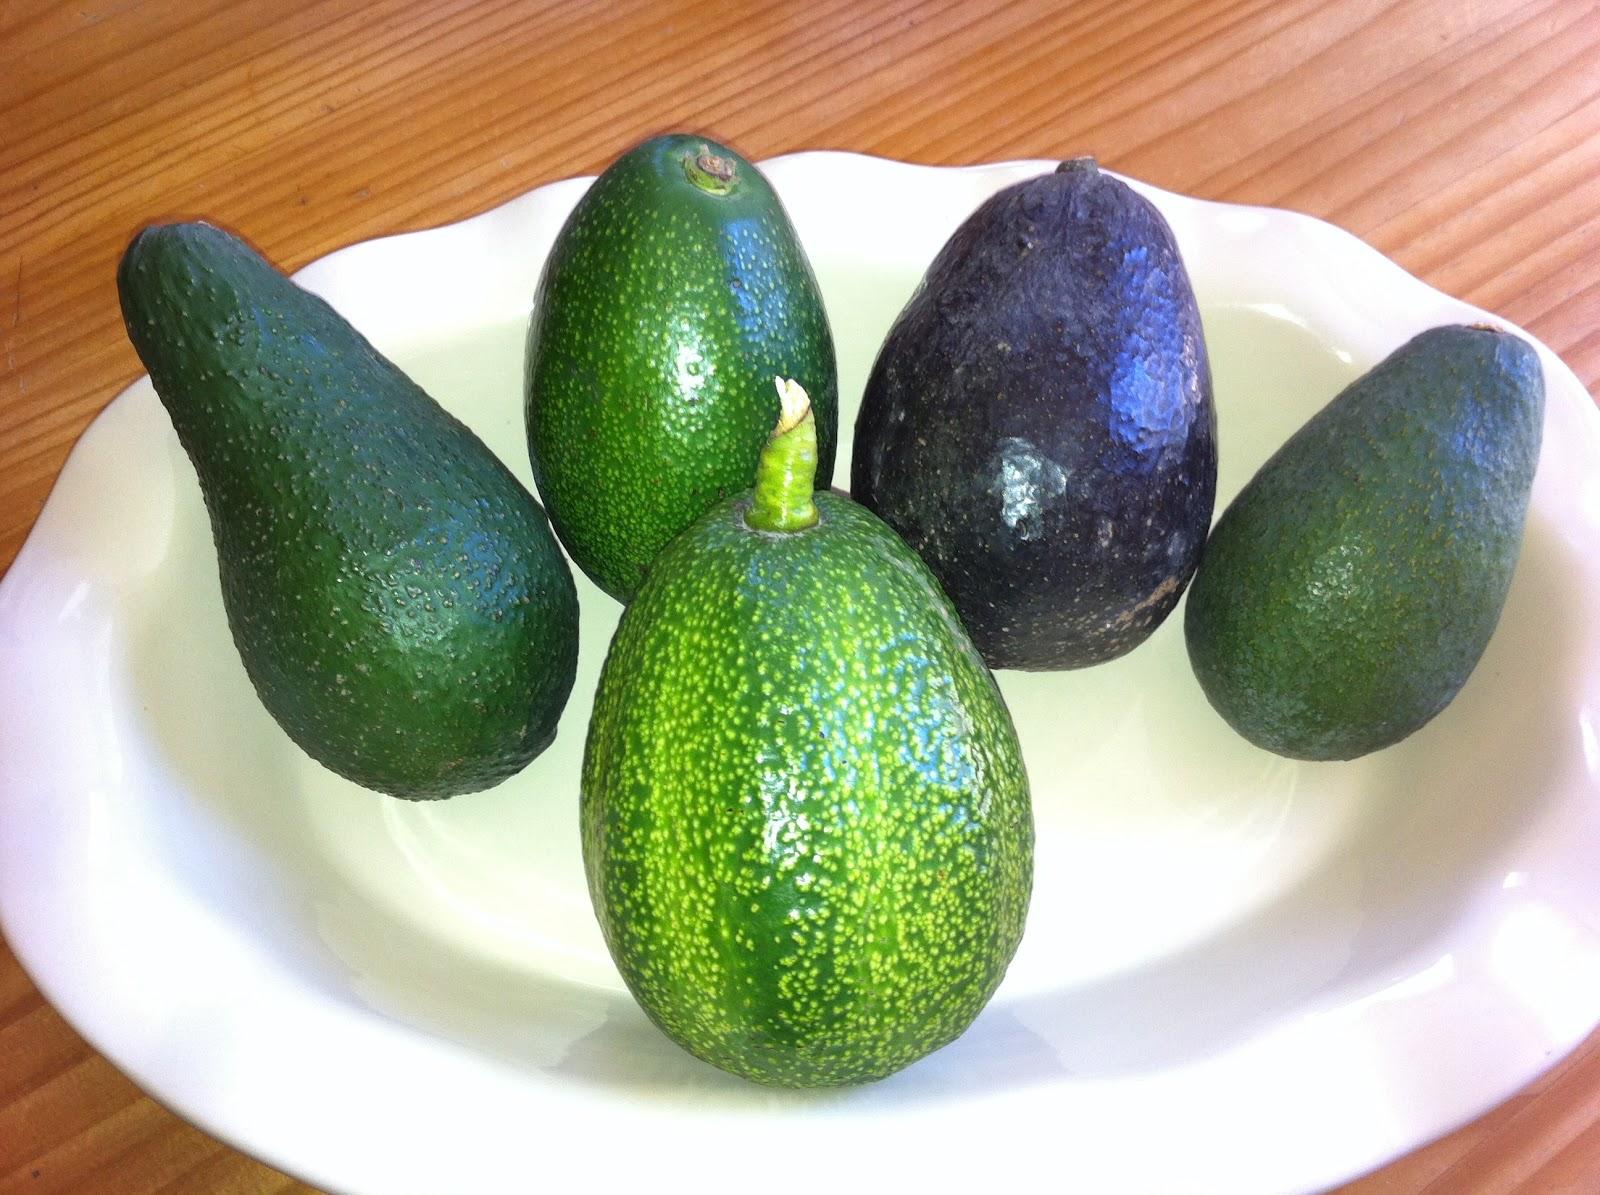 Avocado Diva: Why Won't My Avocado Ripen?!